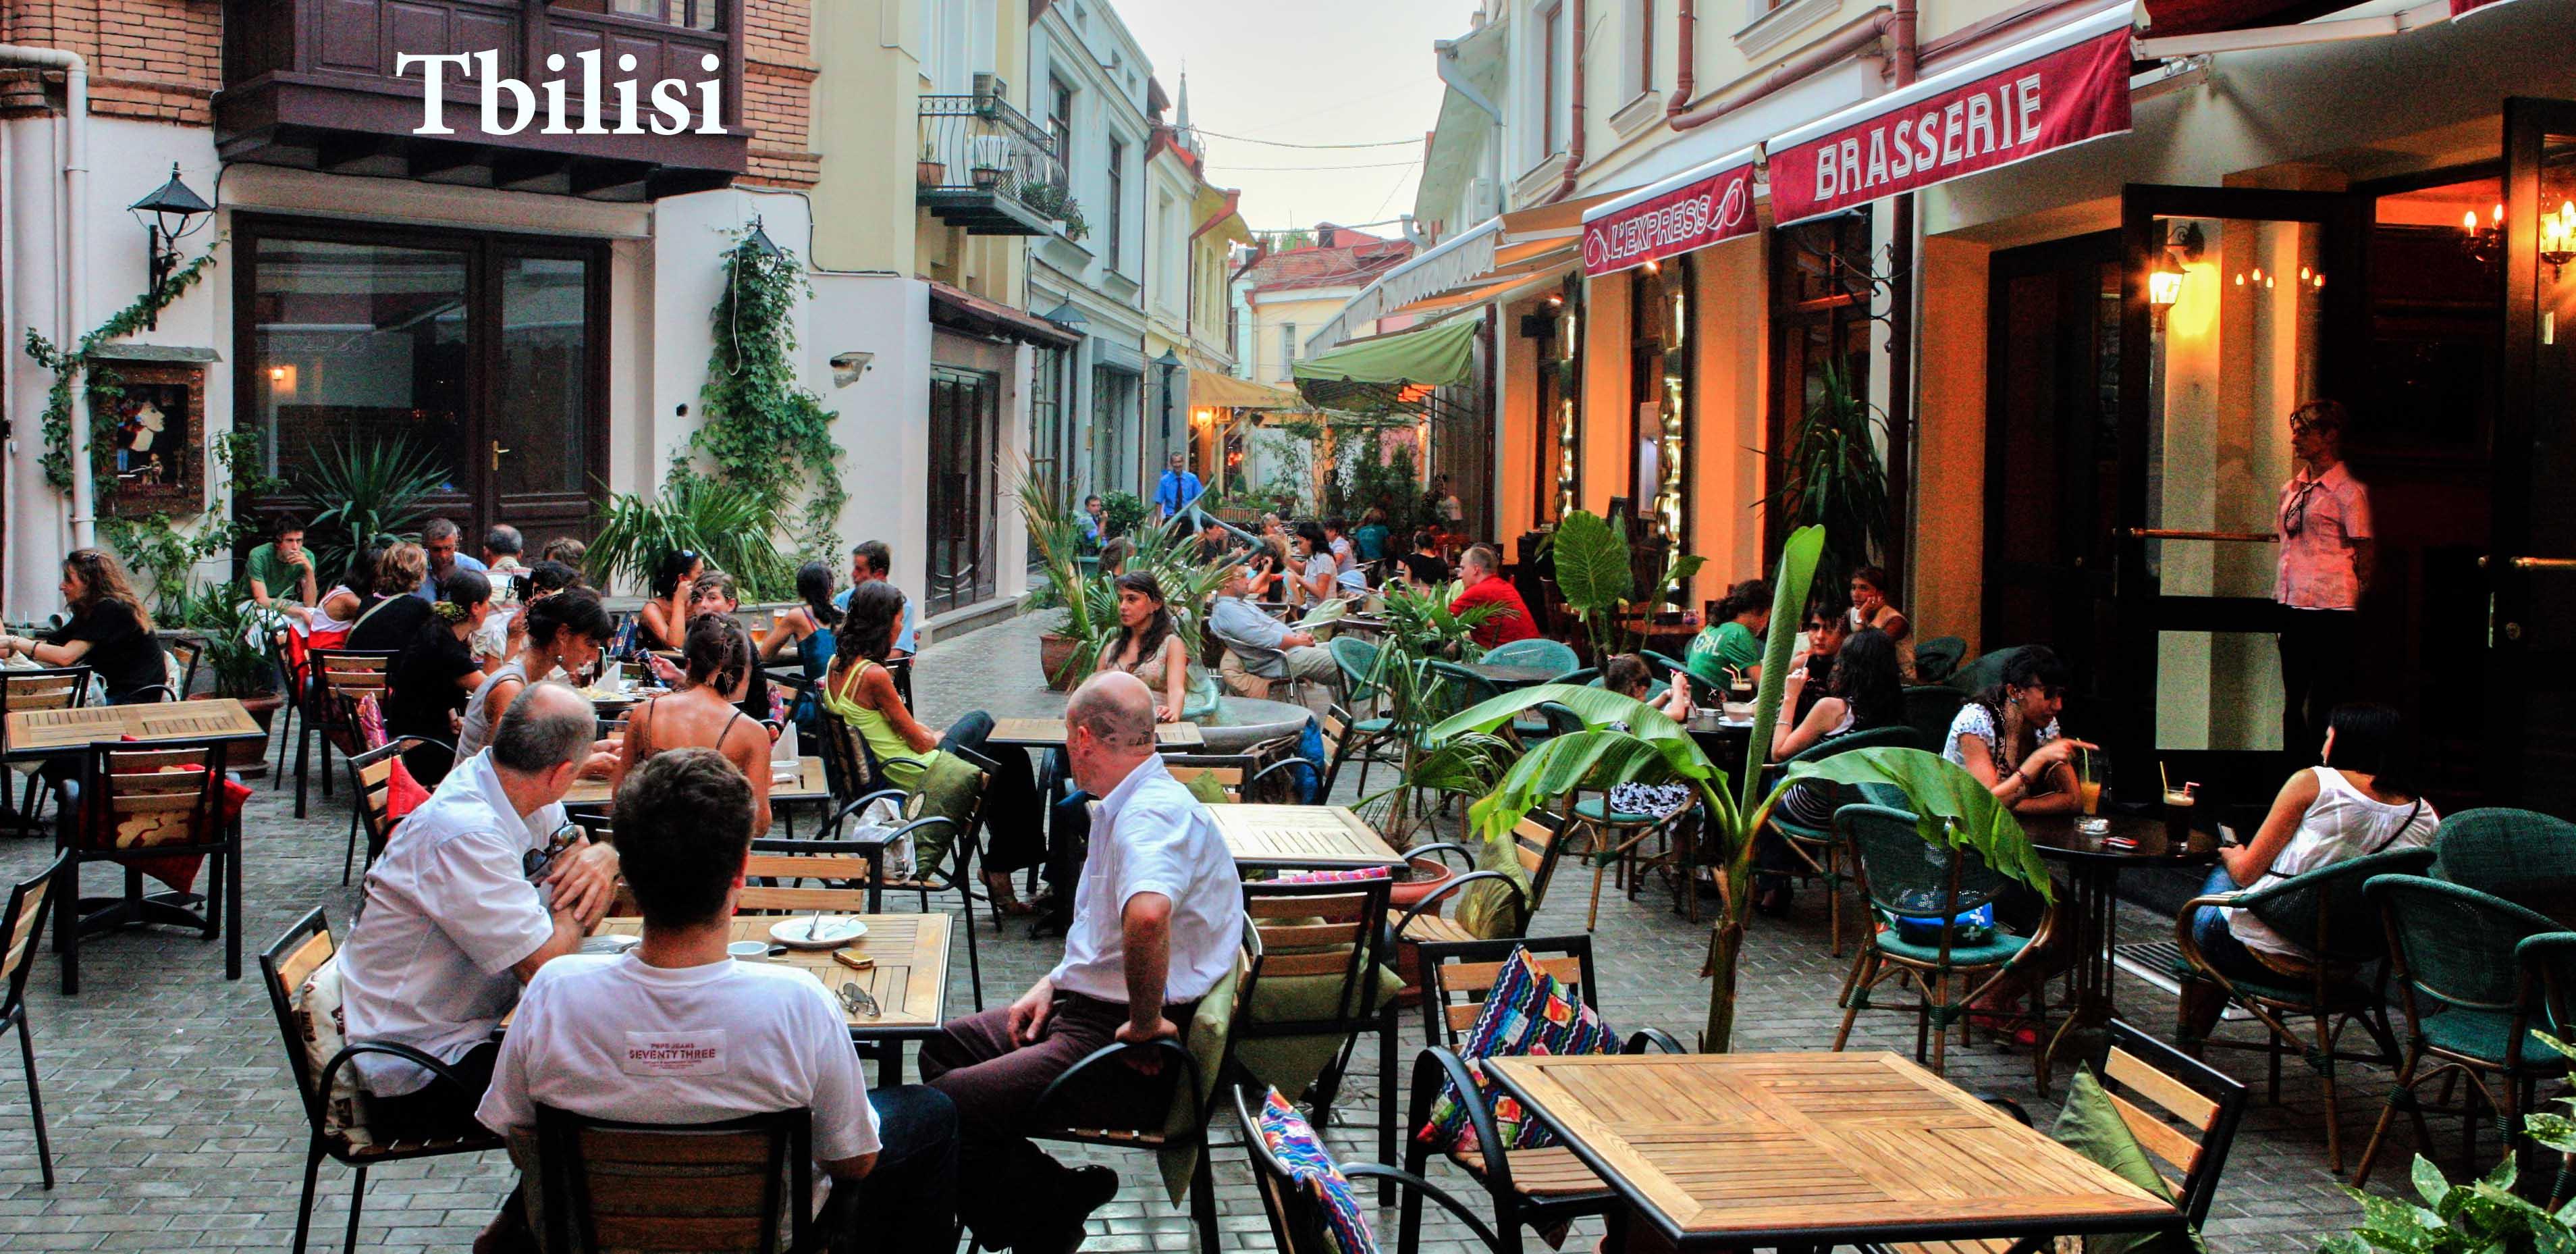 رستوران های خیابانی در خیابان پکینی گرجستان